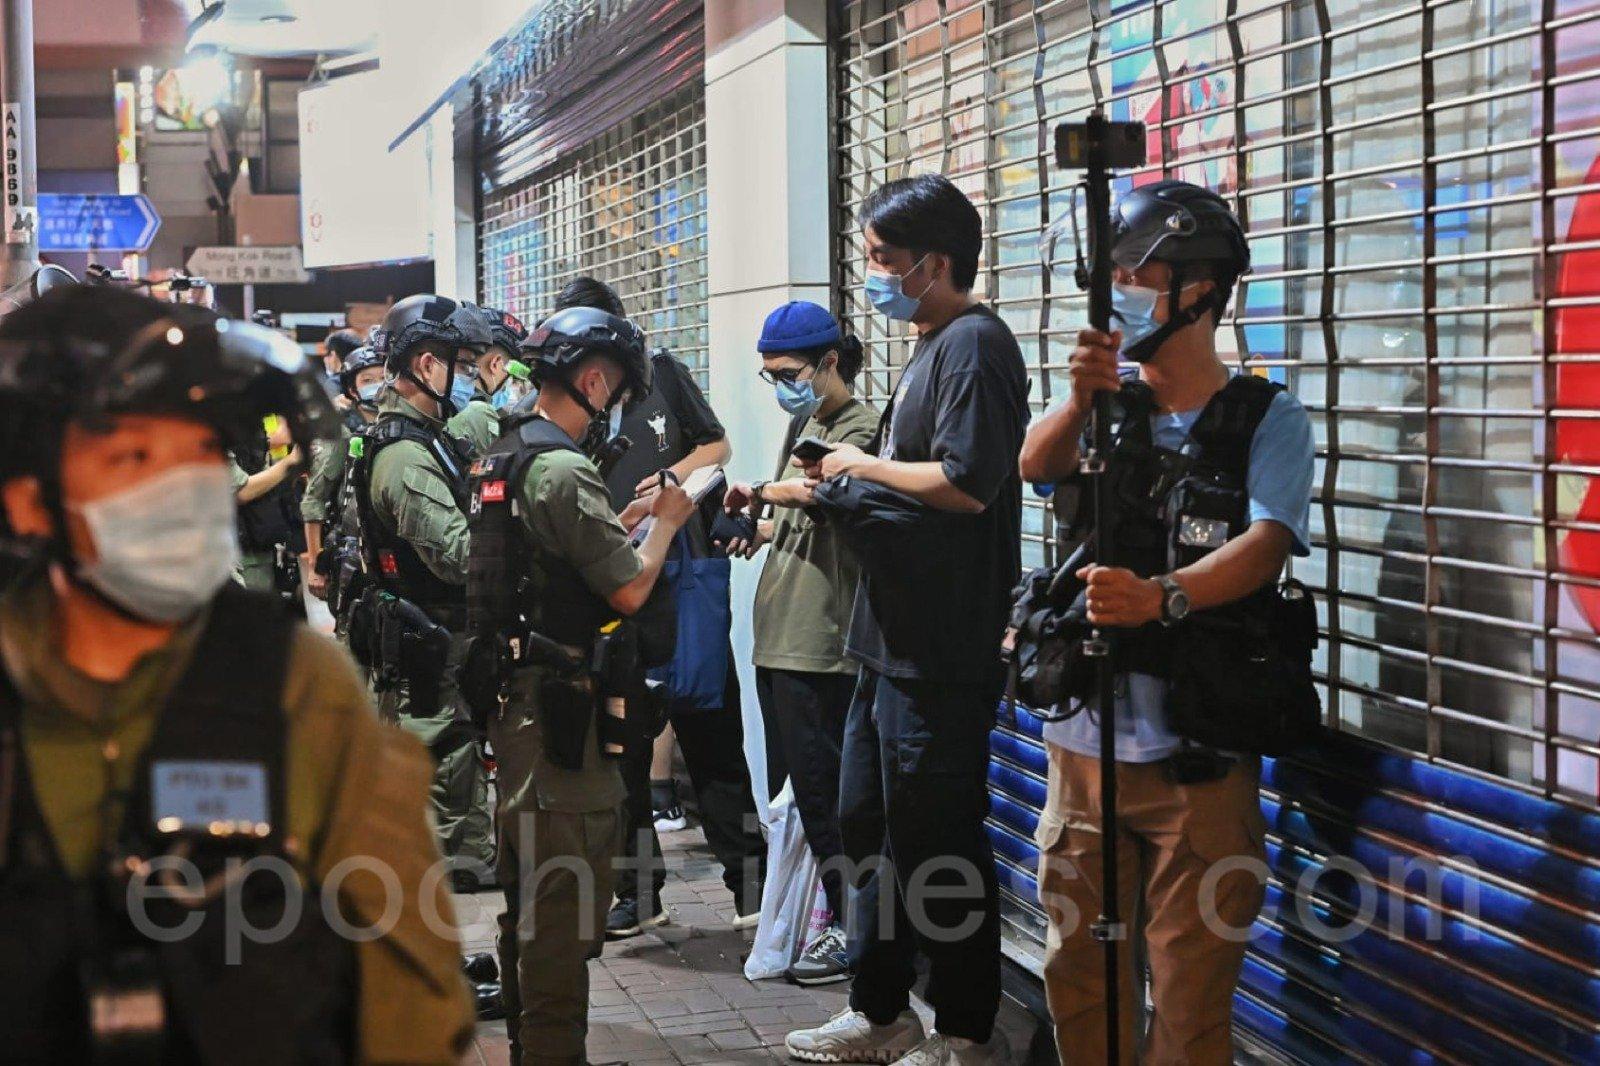 年輕人被警方截查。(宋碧龍/大紀元)